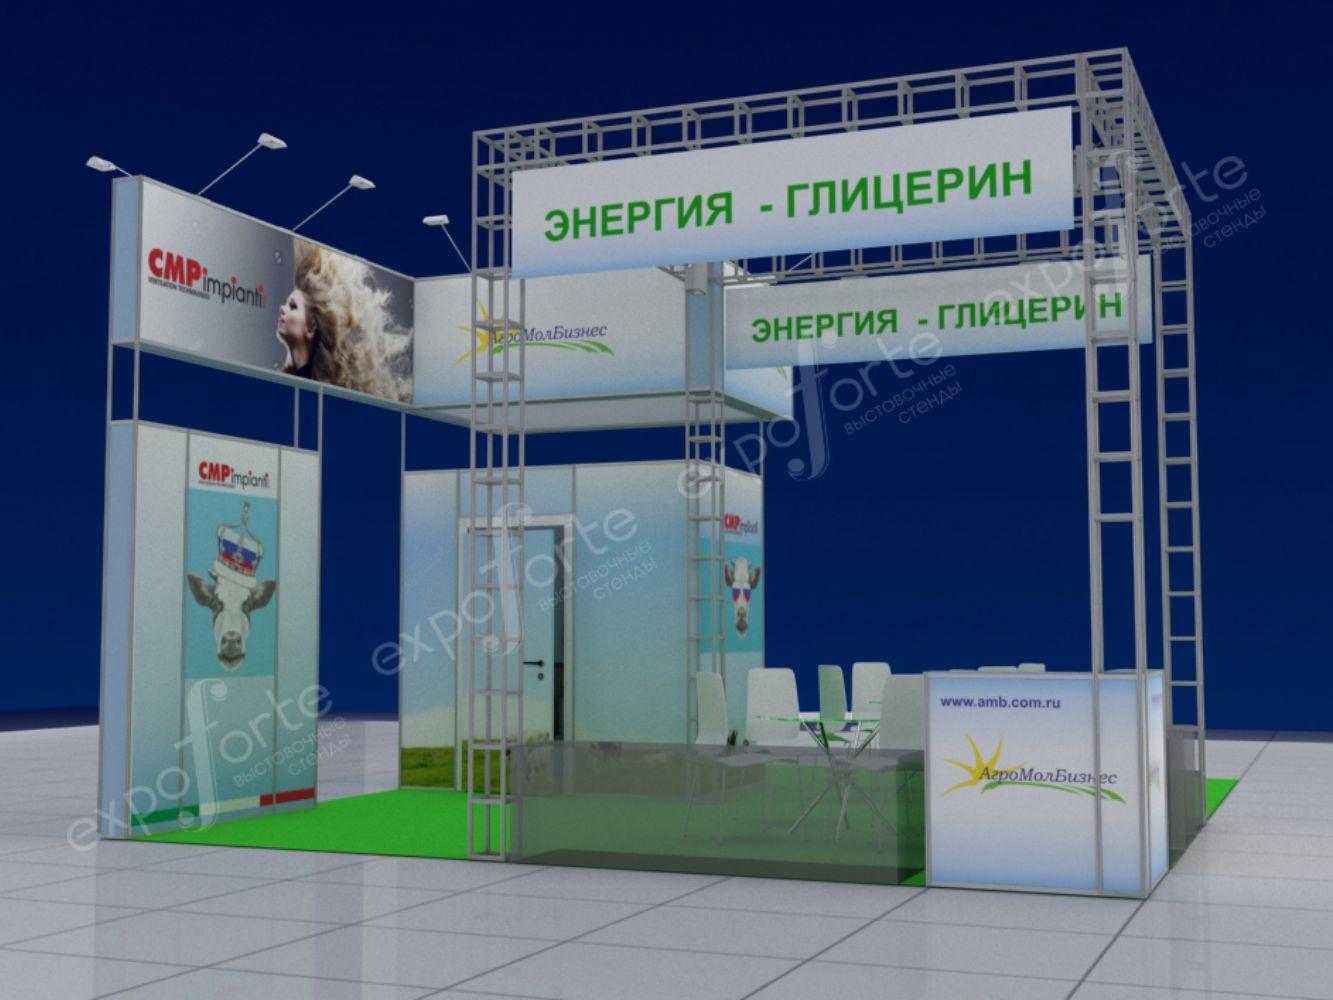 Фото: АГРОМОЛБИЗНЕС, выставка АГРОФЕРМА – картинка 2